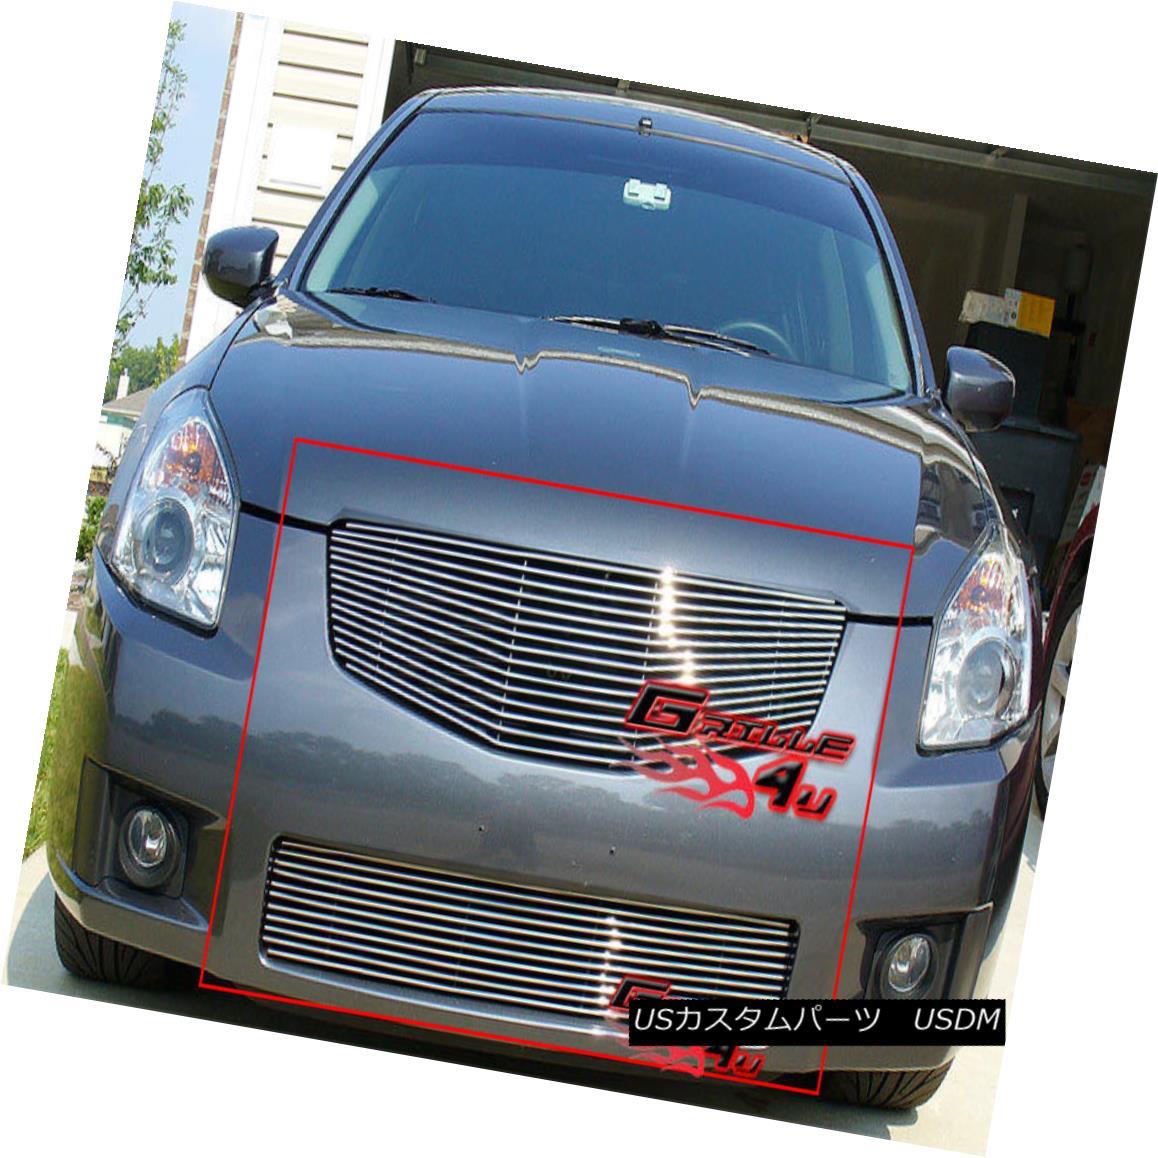 グリル Fits 2007-2008 Nissan Maxima Billet Grille Combo フィット2007年 - 2008年日産マキシマビレットグリルコンボ